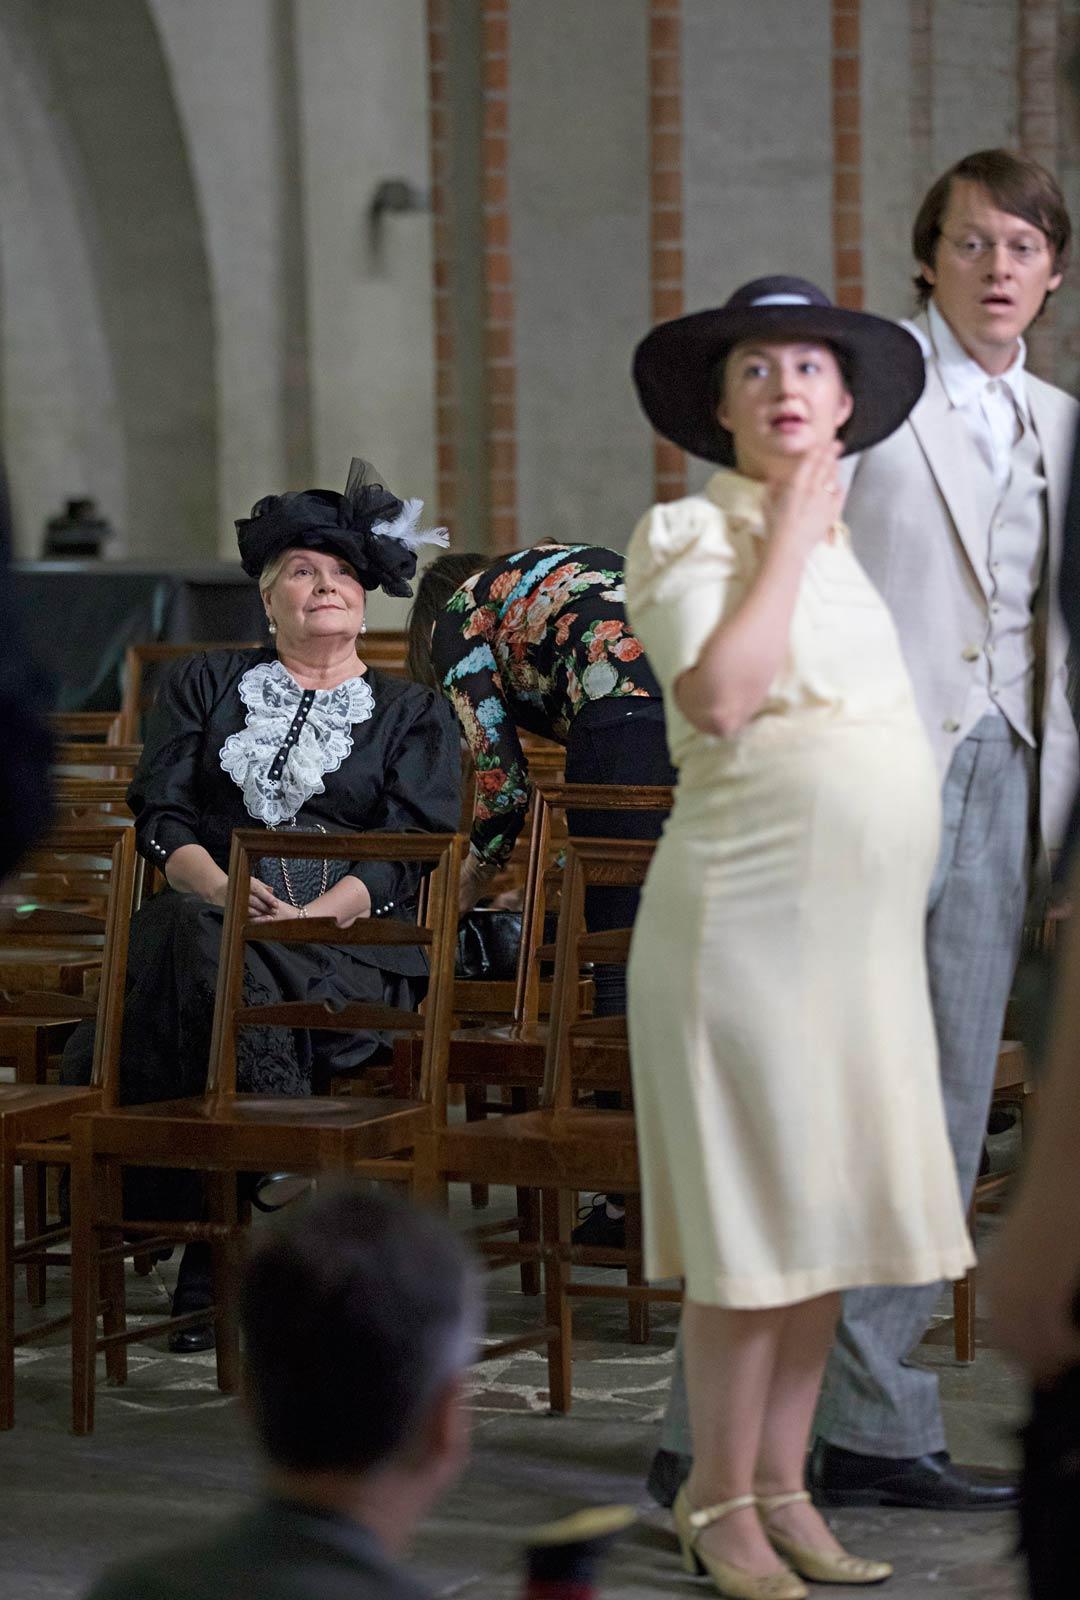 Turussa pääosaa esittää Silta-sarjasta tuttu tanskalaisnäyttelijä Thure Lindhardt. Rinnalla Henriette Marø.